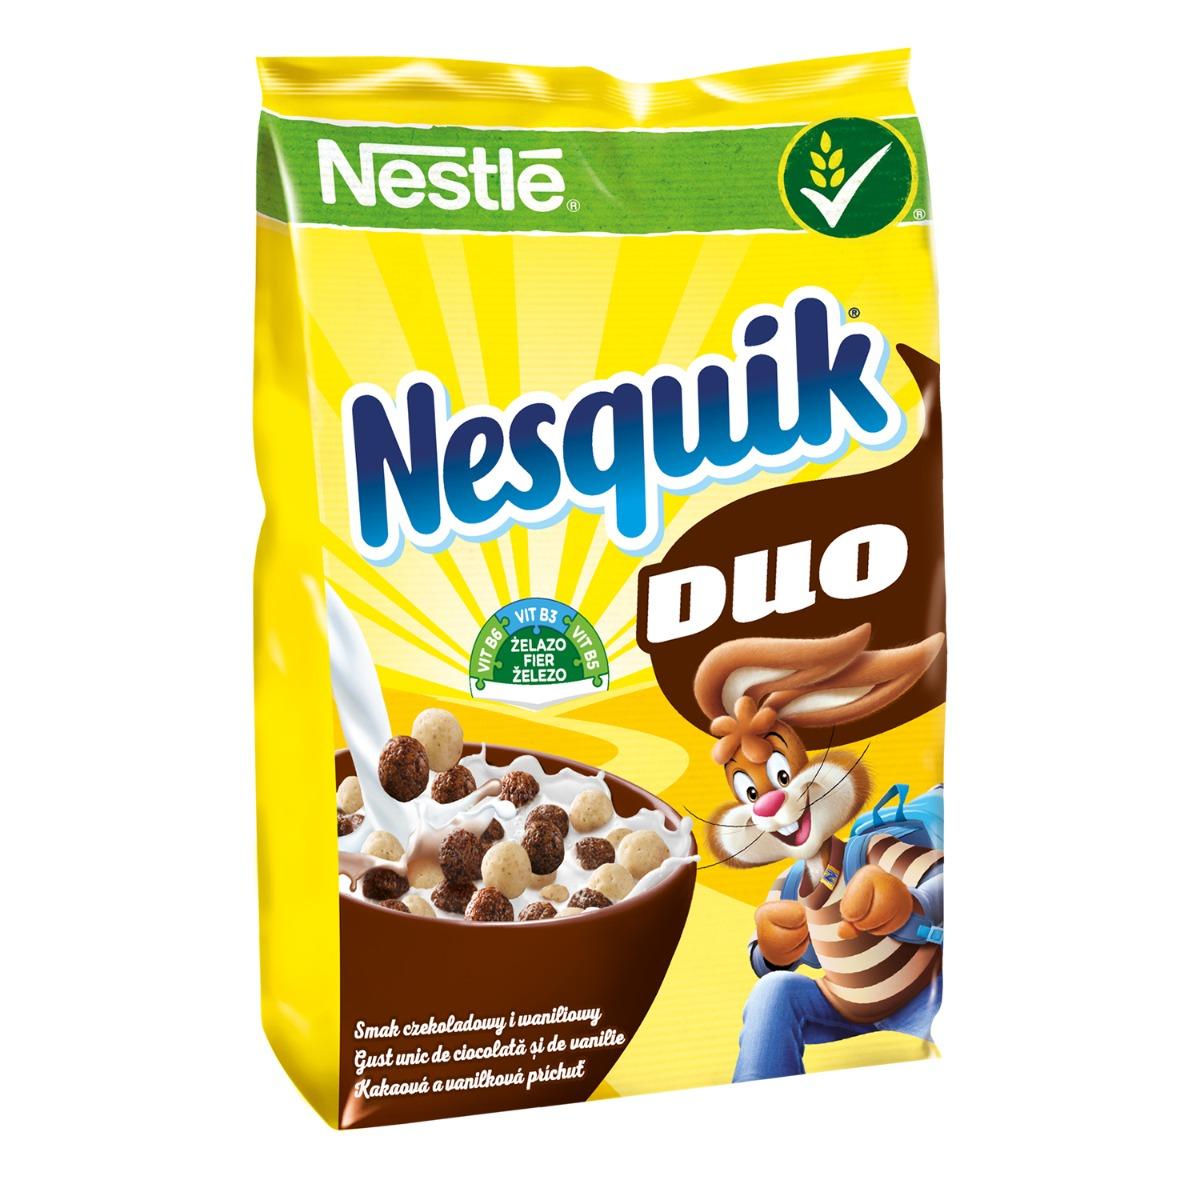 Cereale pentru mic dejun Nestle Nesquik Duo, 460 g imagine